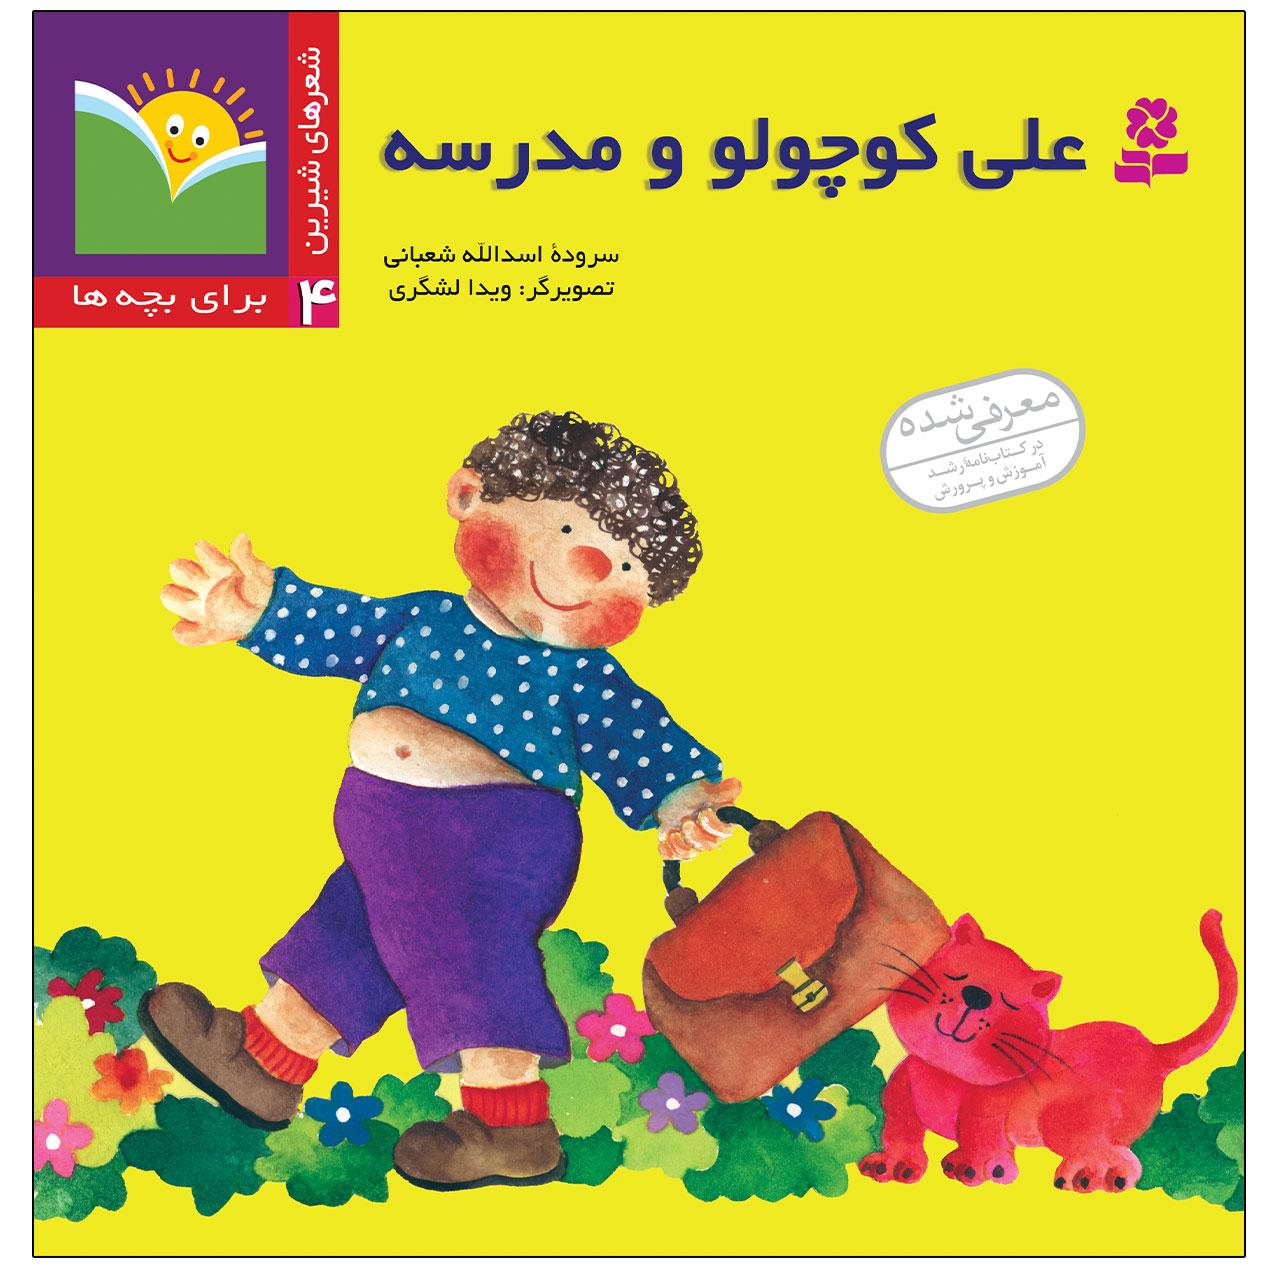 خرید                      کتاب شعرشيرين 4 علی کوچولو و مدرسه اثر اسد الله شعبانی انتشارات قدیانی